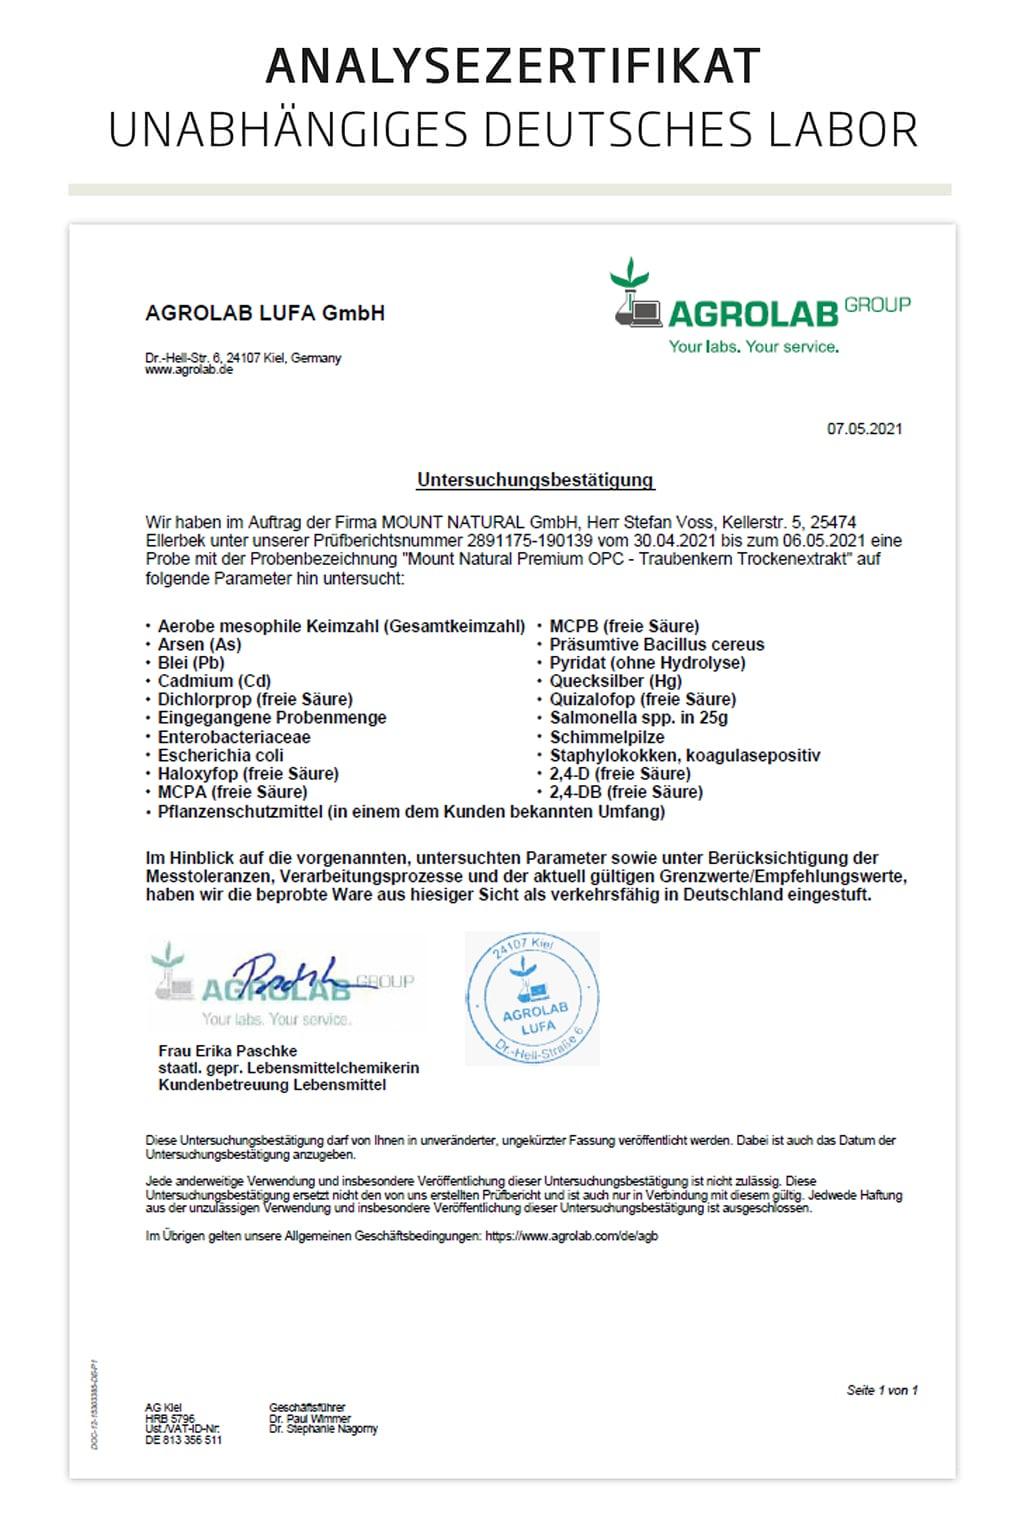 Mount Natural - Premium OPC Haut und Zellschutz mit natürlichem Vitamin C - Untersuchungsbestätigung